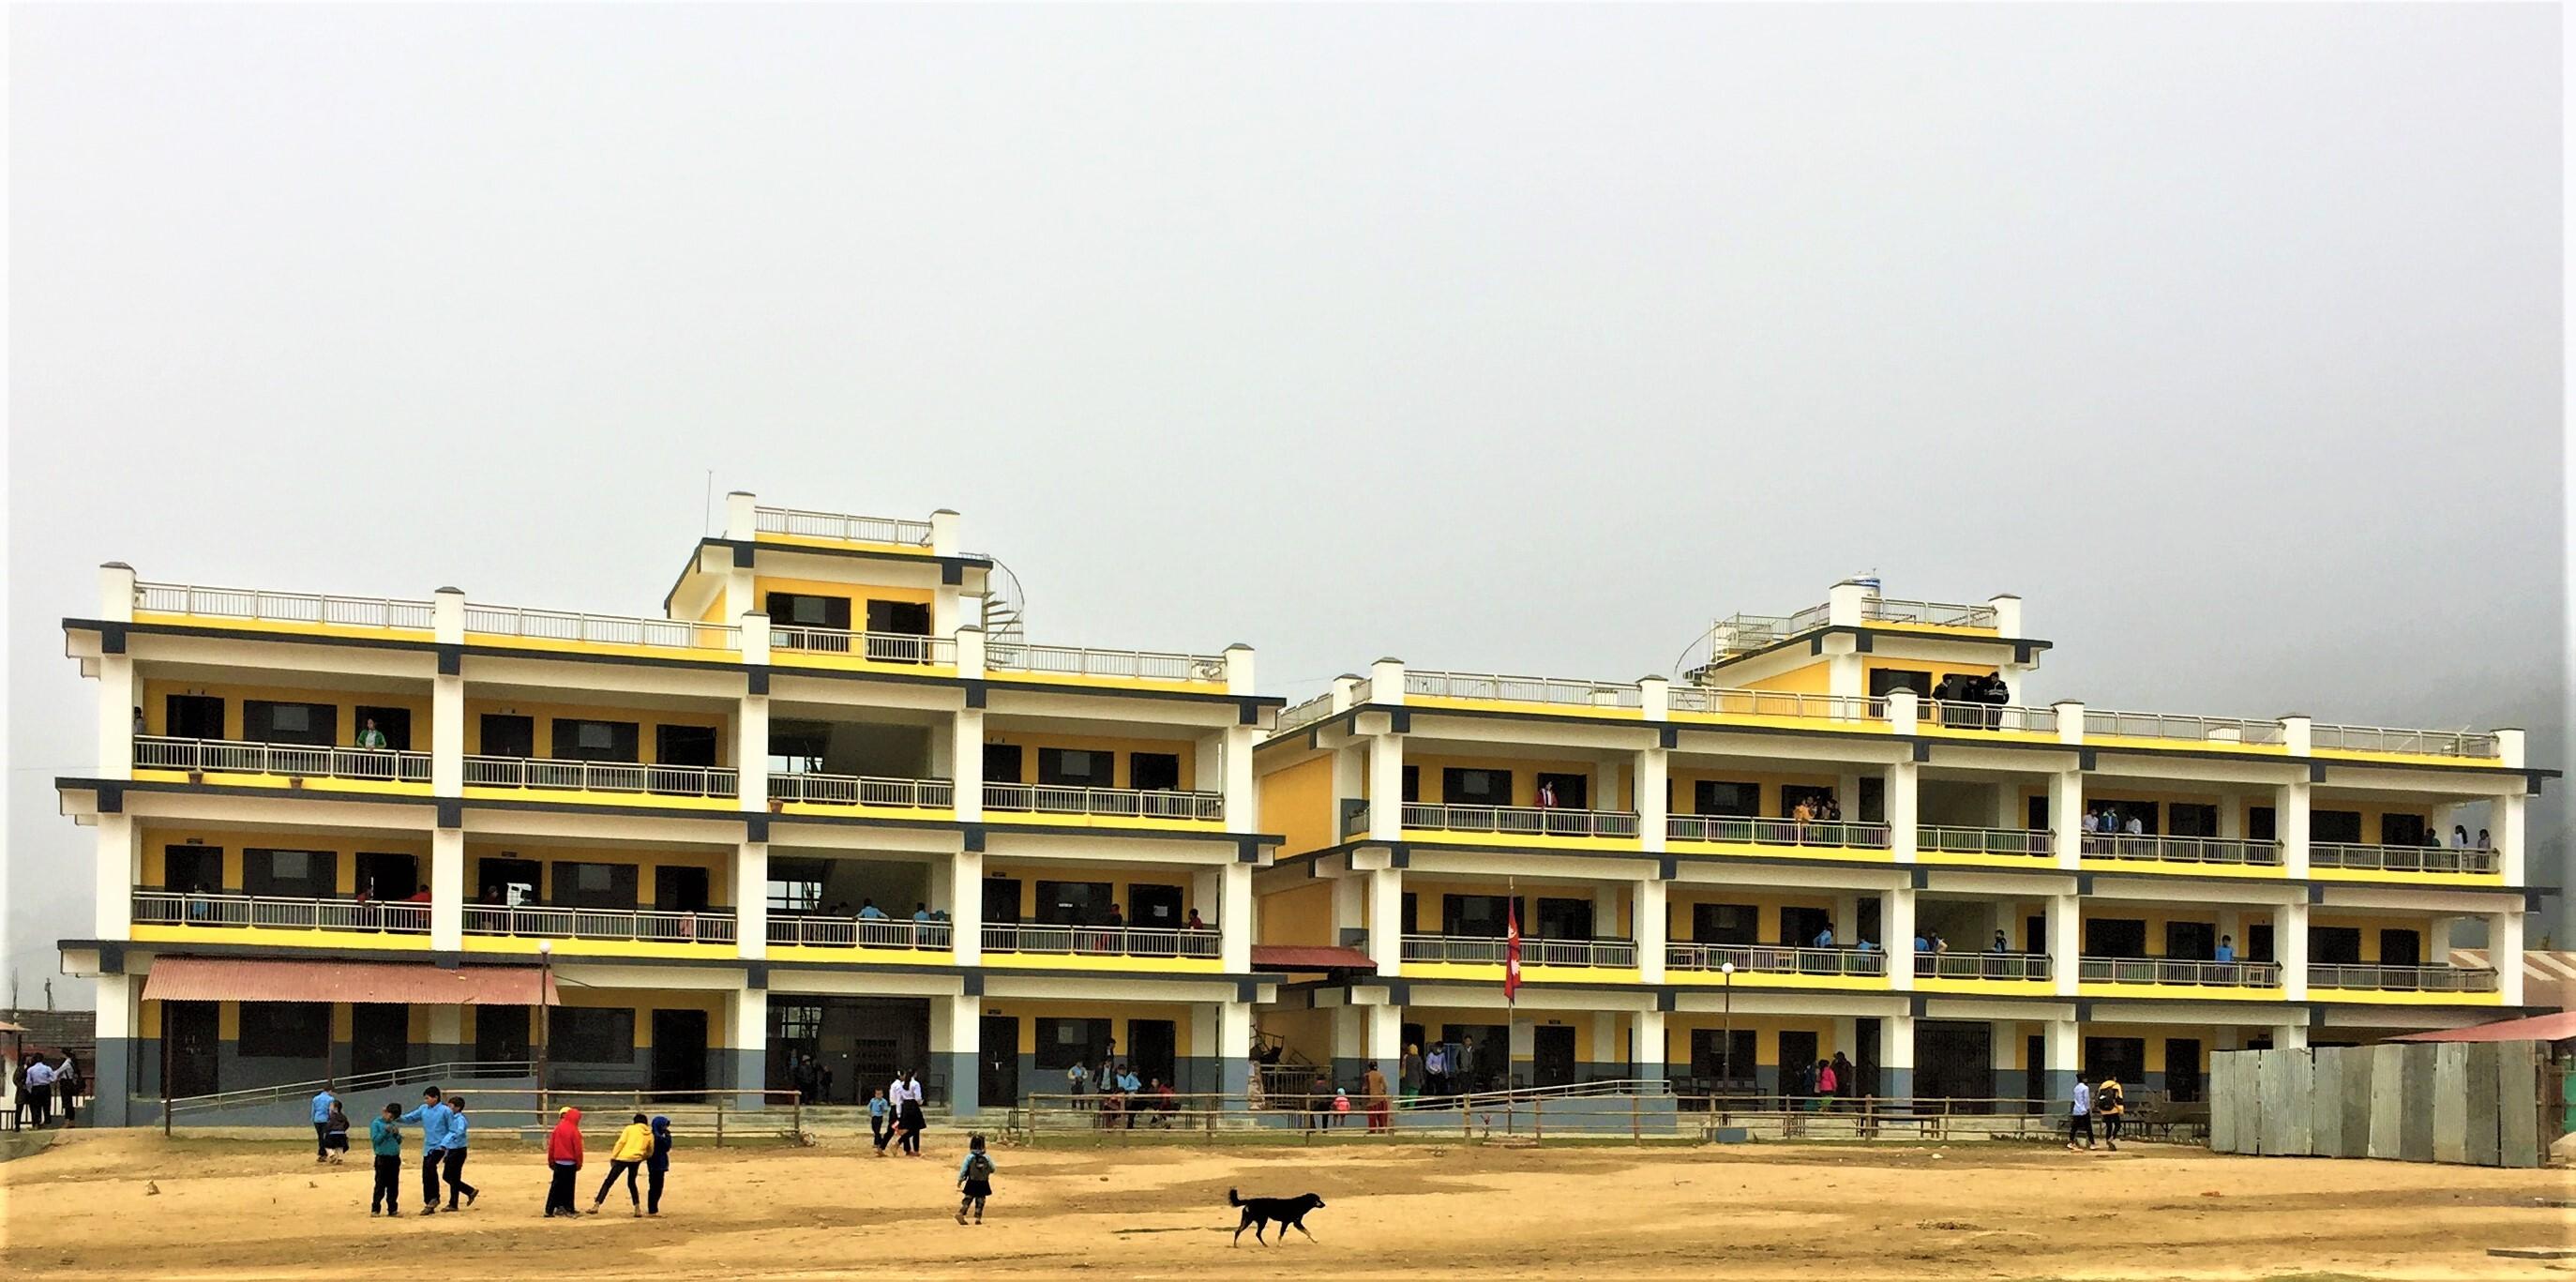 कपिलाकोट मा.वि. सिन्धुलीको पुनर्निर्मित भवनहरू